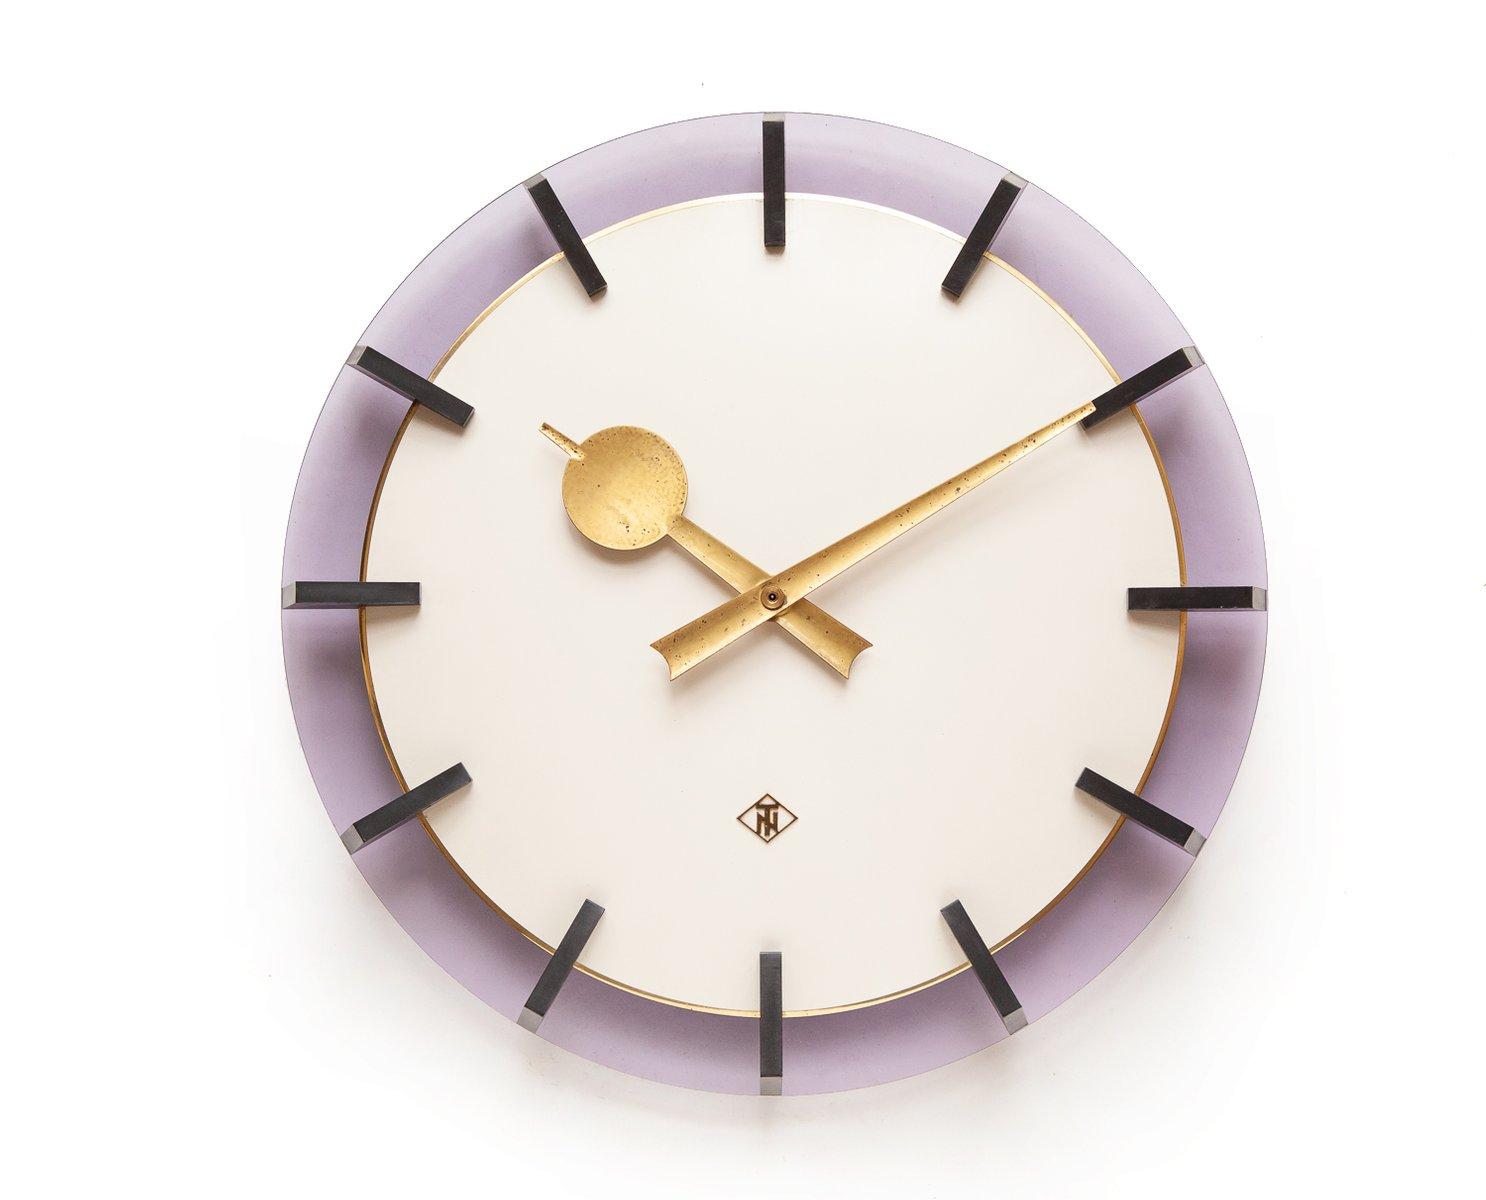 horloge murale lucent industrielle de t n 1960s en vente sur pamono